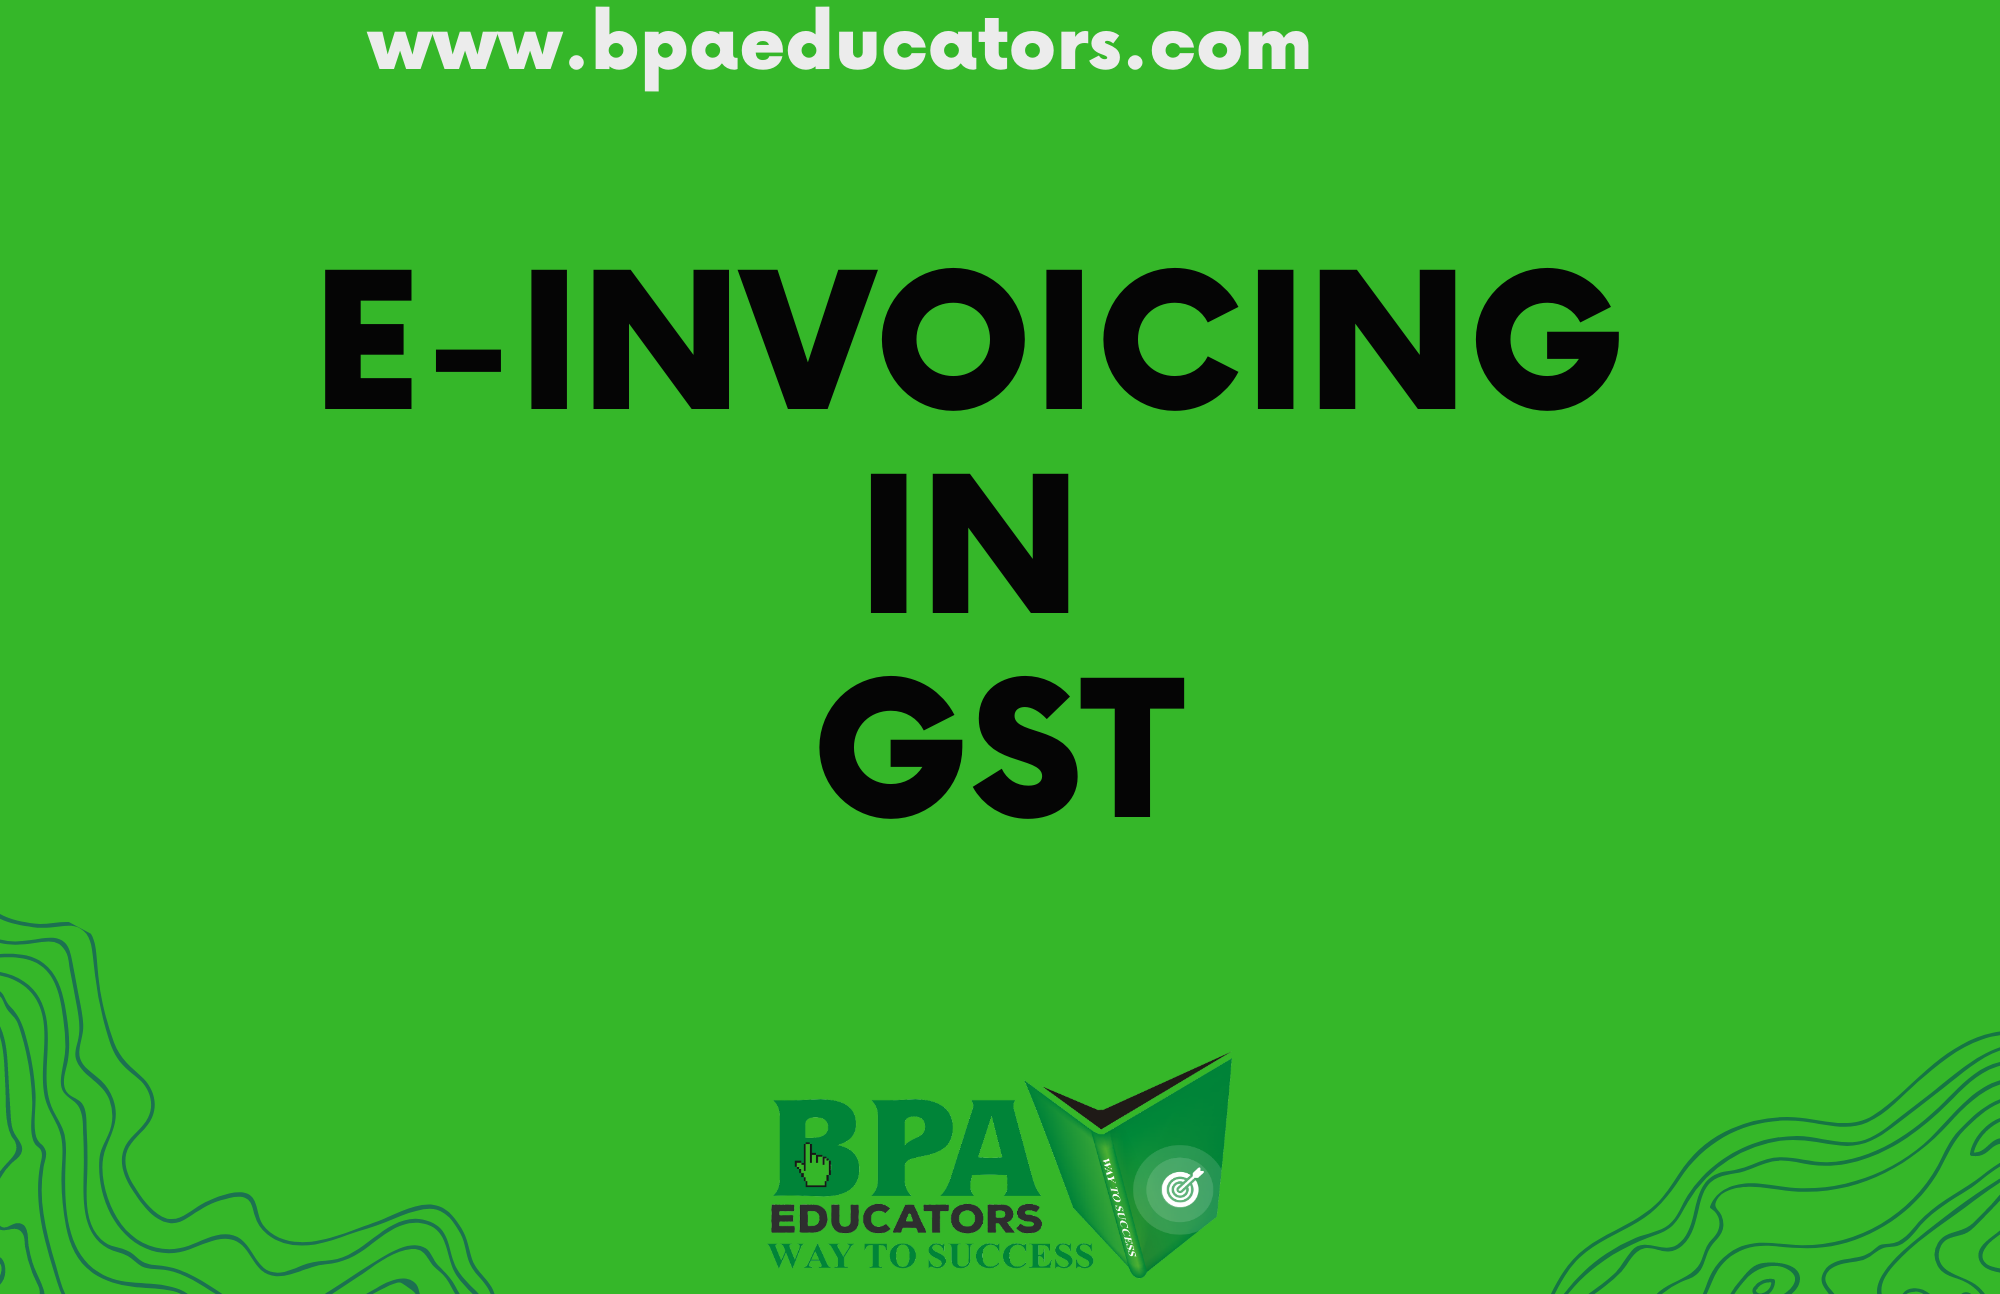 E-Invoicing in GST